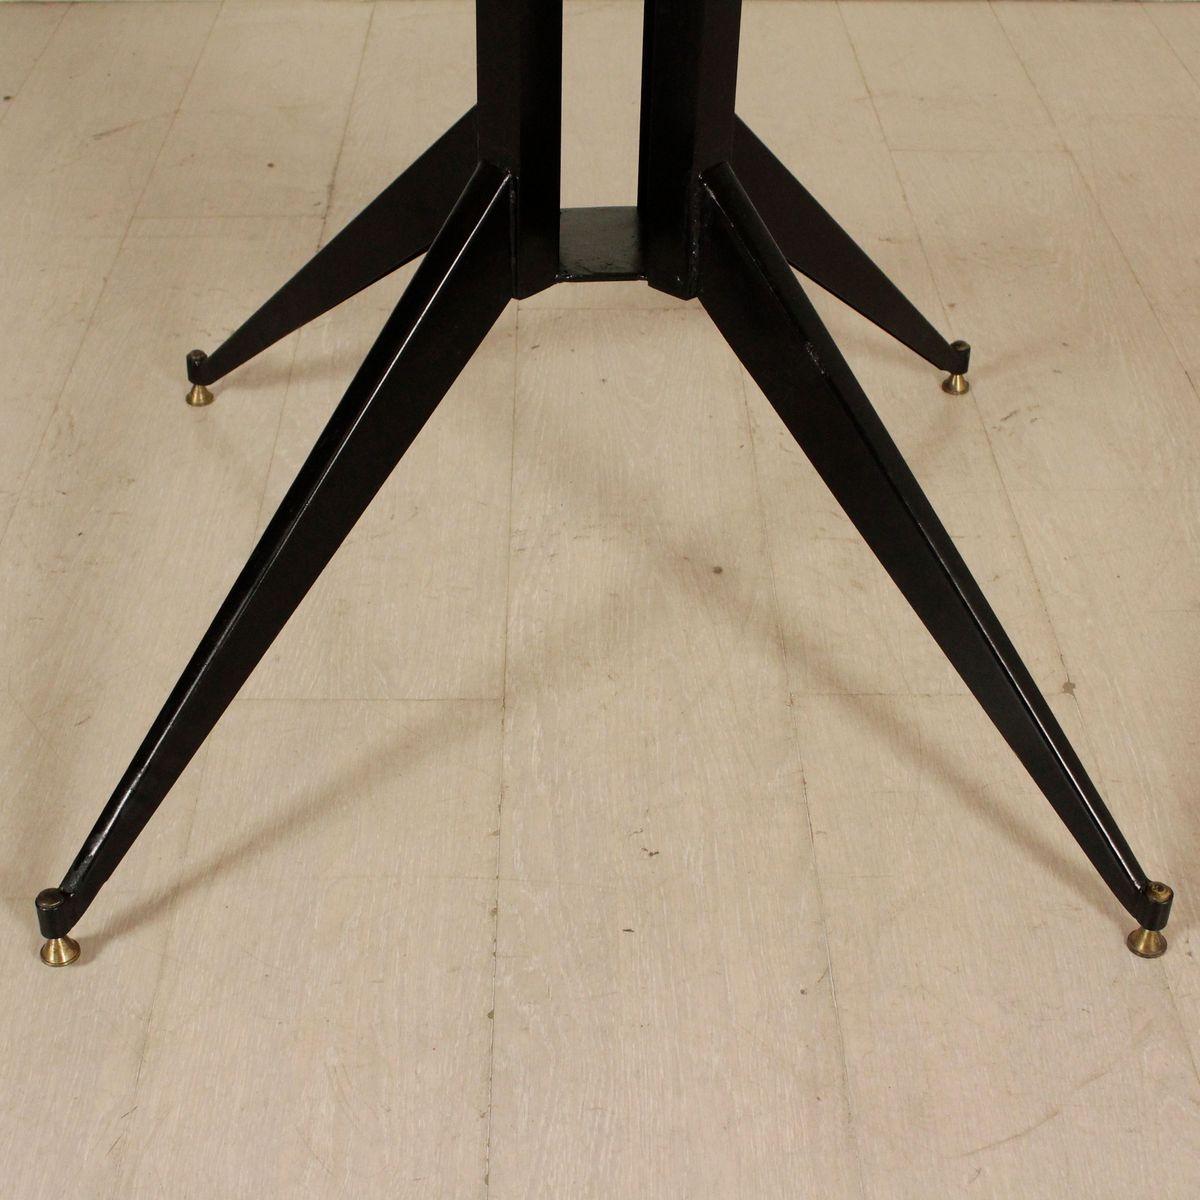 italienischer vintage tisch aus metall holz bei pamono kaufen. Black Bedroom Furniture Sets. Home Design Ideas